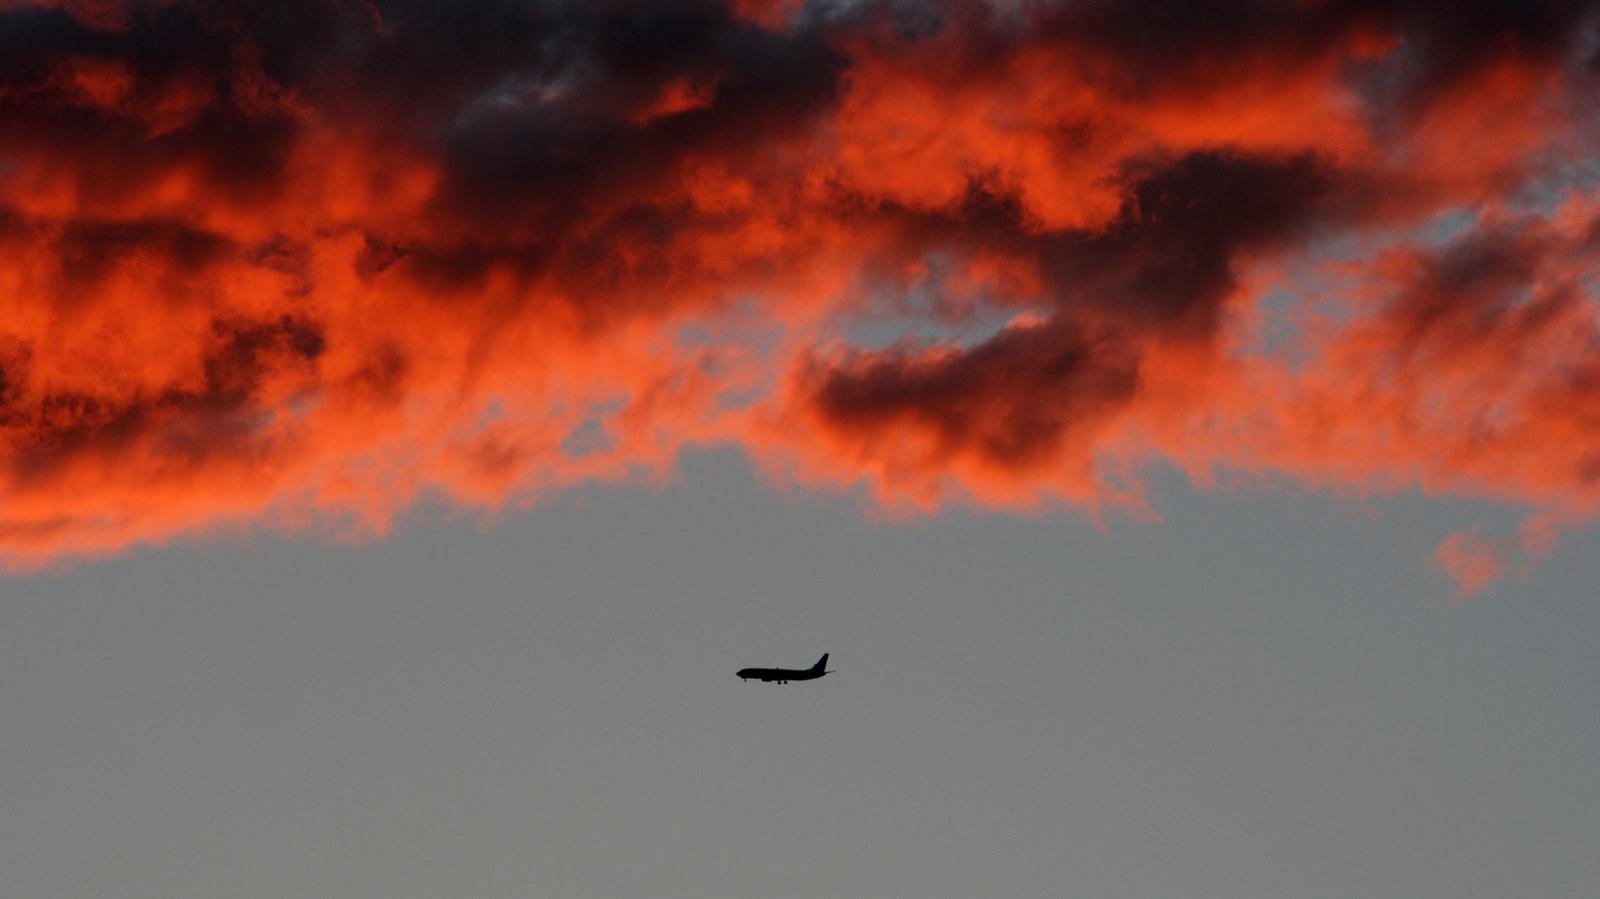 Час от часу не легче: над Винницей закрыли воздушное пространство